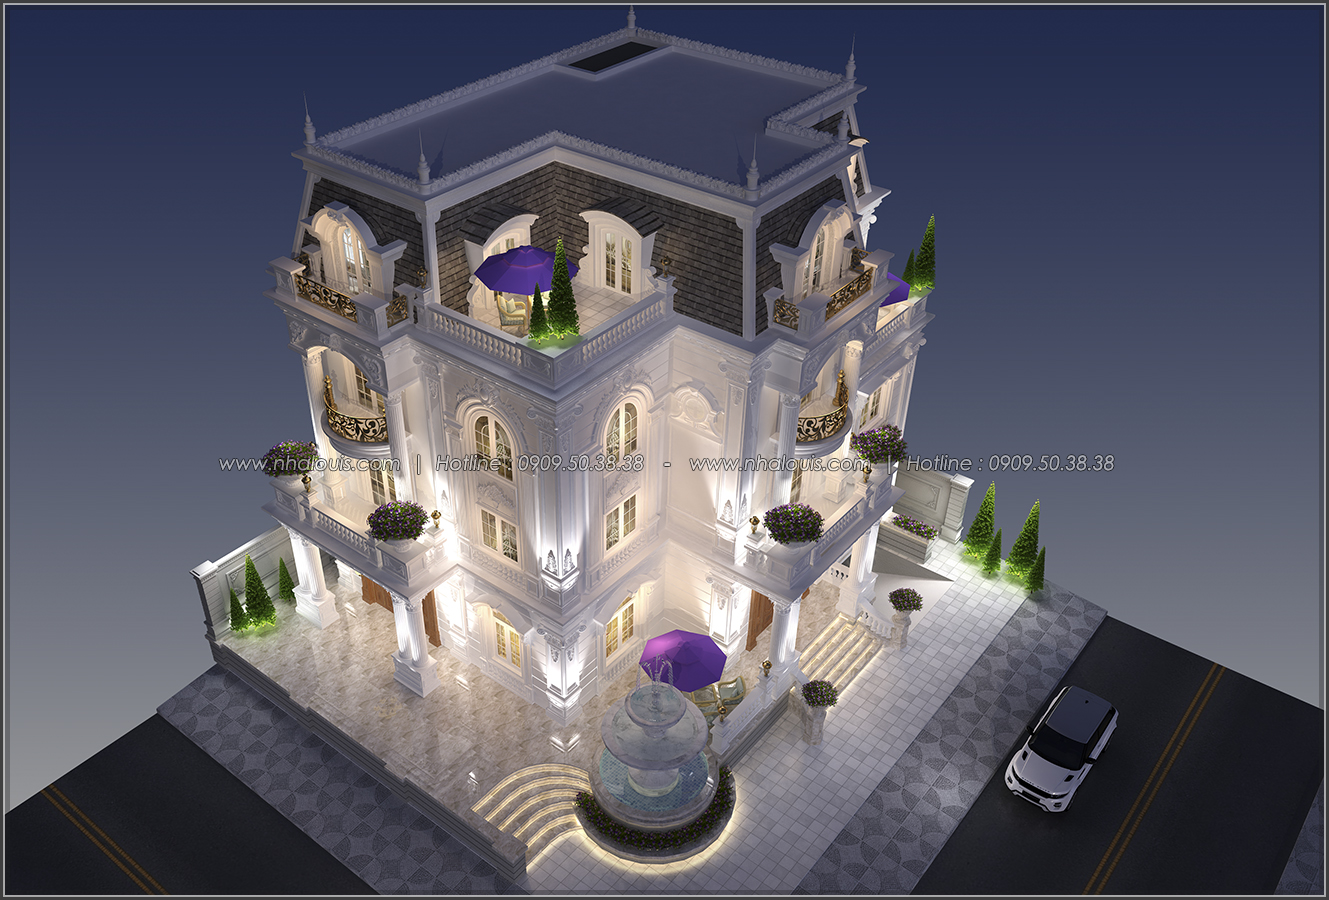 Đẳng cấp đích thực trong thiết kế biệt thự cổ điển 3 tầng tại Bình Tân - 3